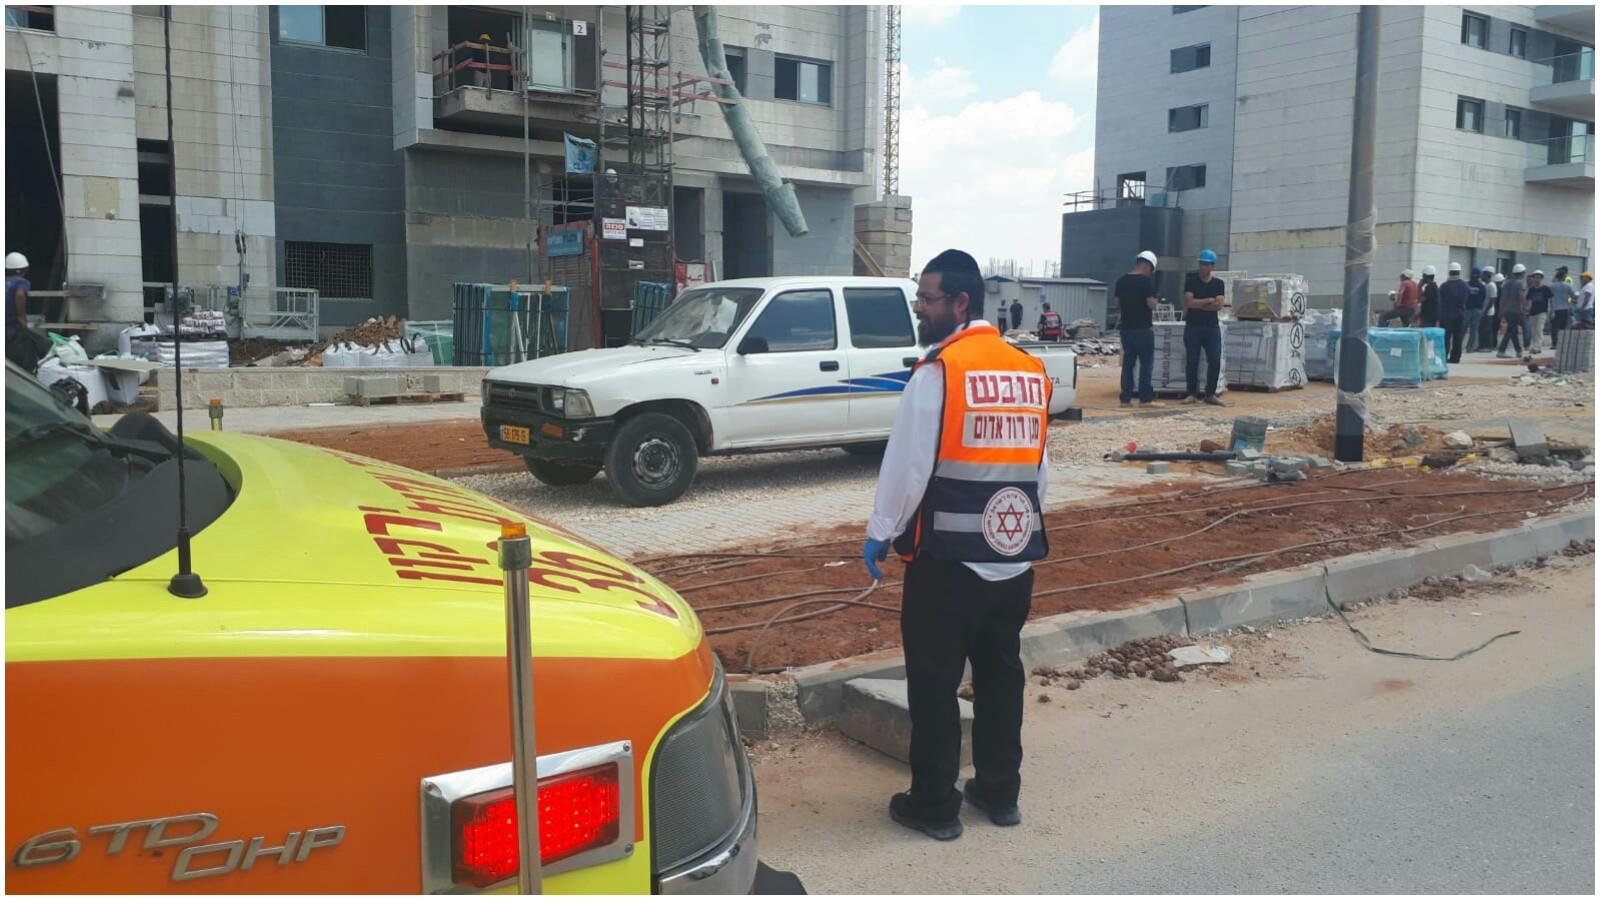 """אתר הבנייה ברחוב המעיין בראש העין בו נהרגו שני פועלים. צילום דוברות מד""""א"""